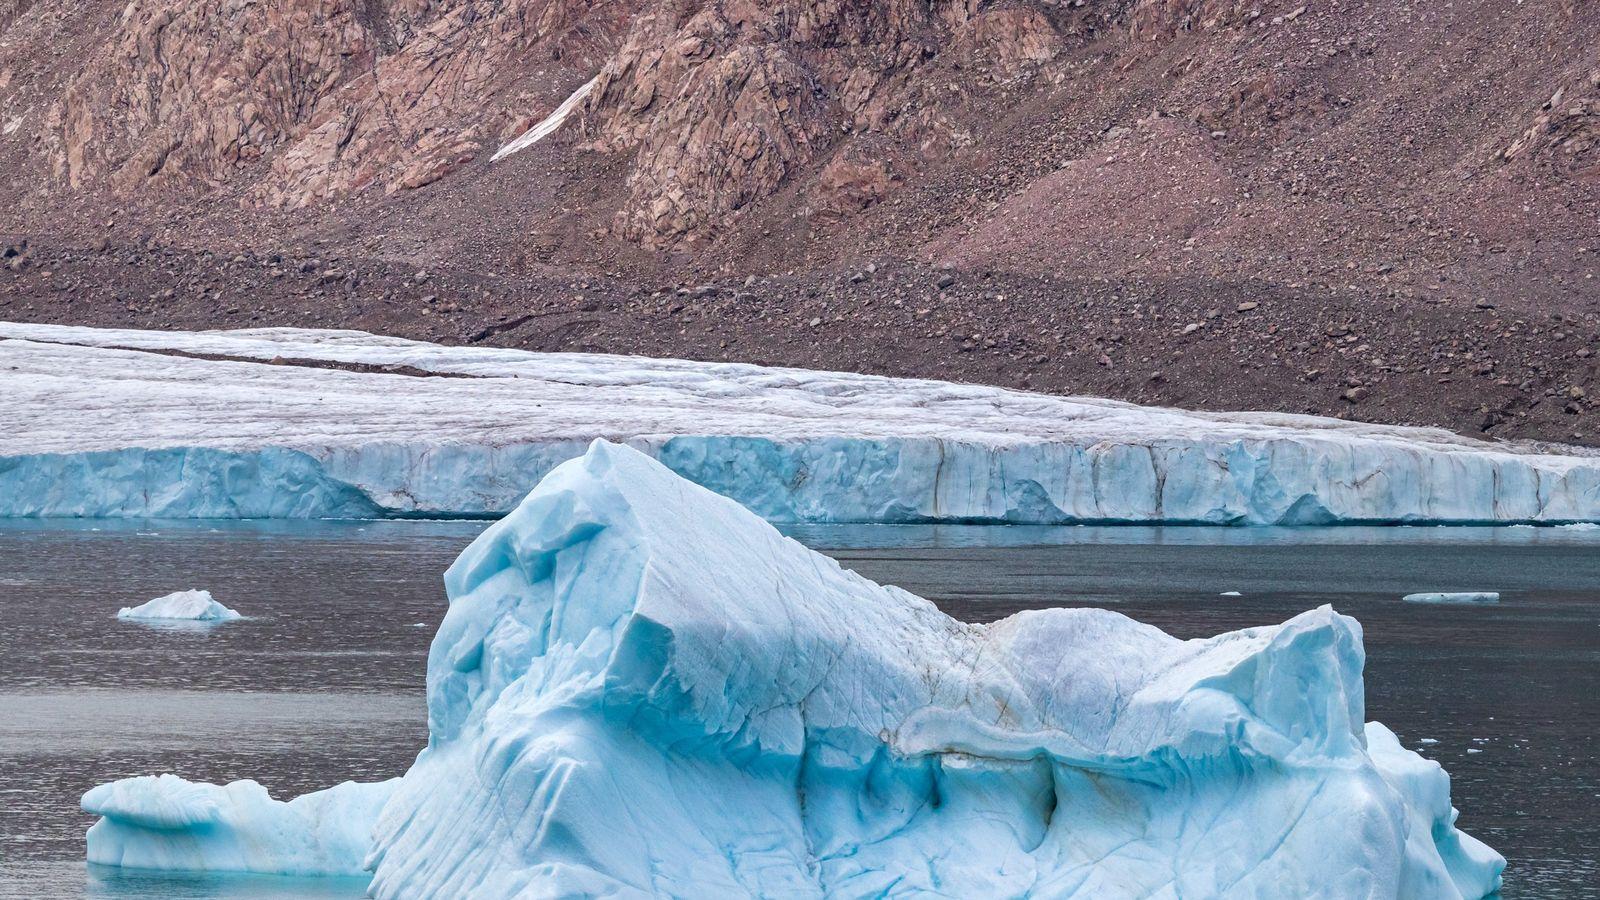 Iceberg près d'un glacier au large de l'île d'Ellesmere, région de Qikiqtaaluk dans le territoire canadien de Nunavut.